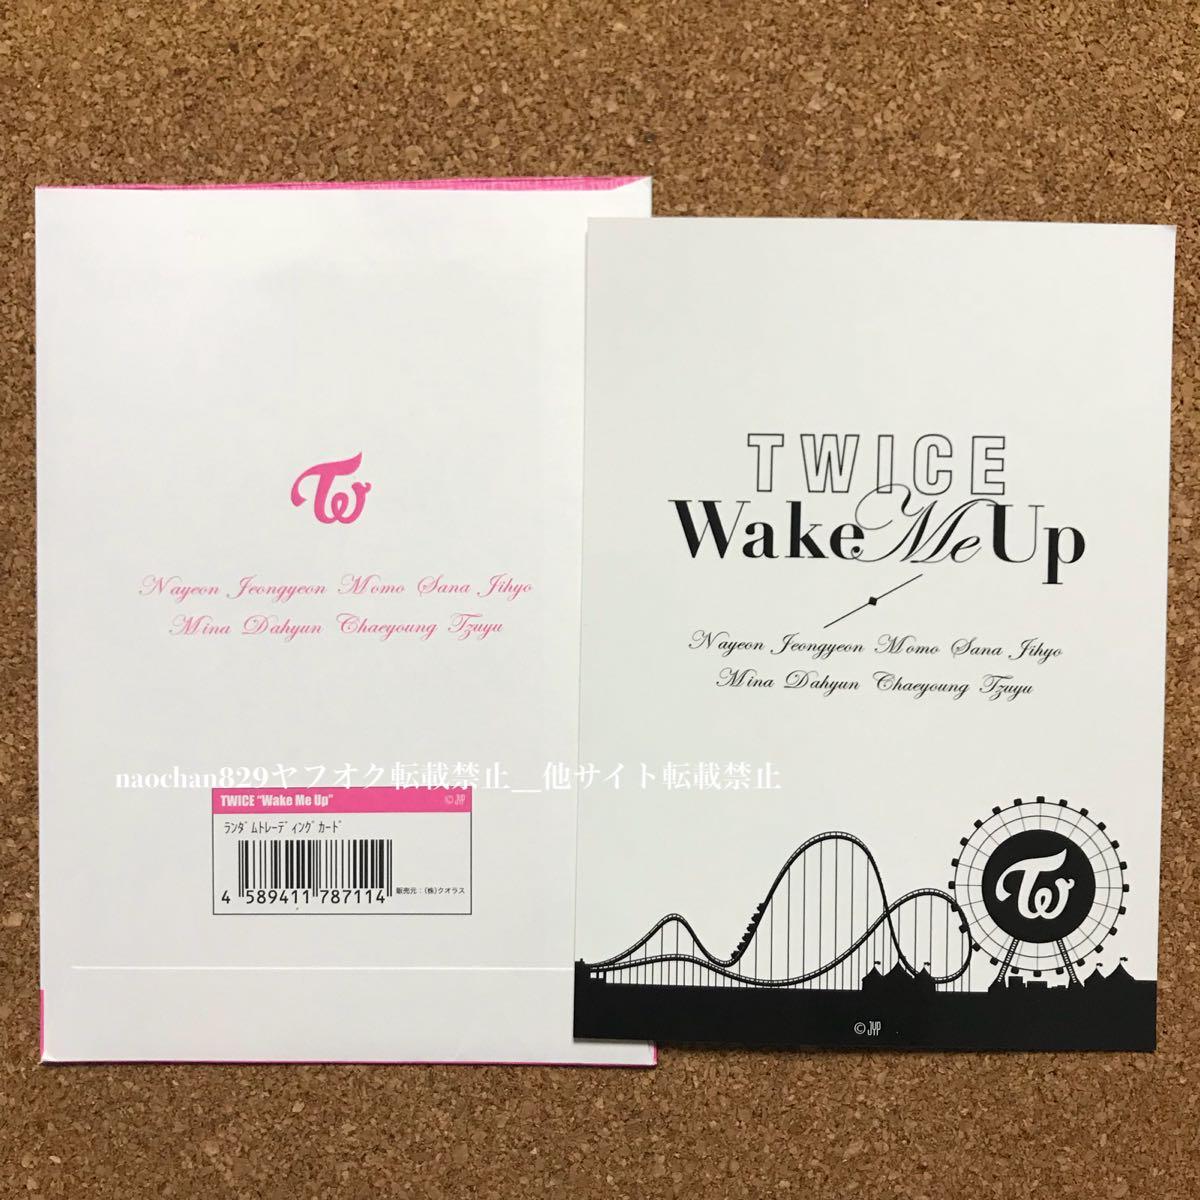 ◆チェヨン CHAEYOUNG◆ランダムトレカ TWICE WakuMeUp ハイタッチ会会場限定グッズ フォトカード official/CD よみうりランド 三つ編み_画像2